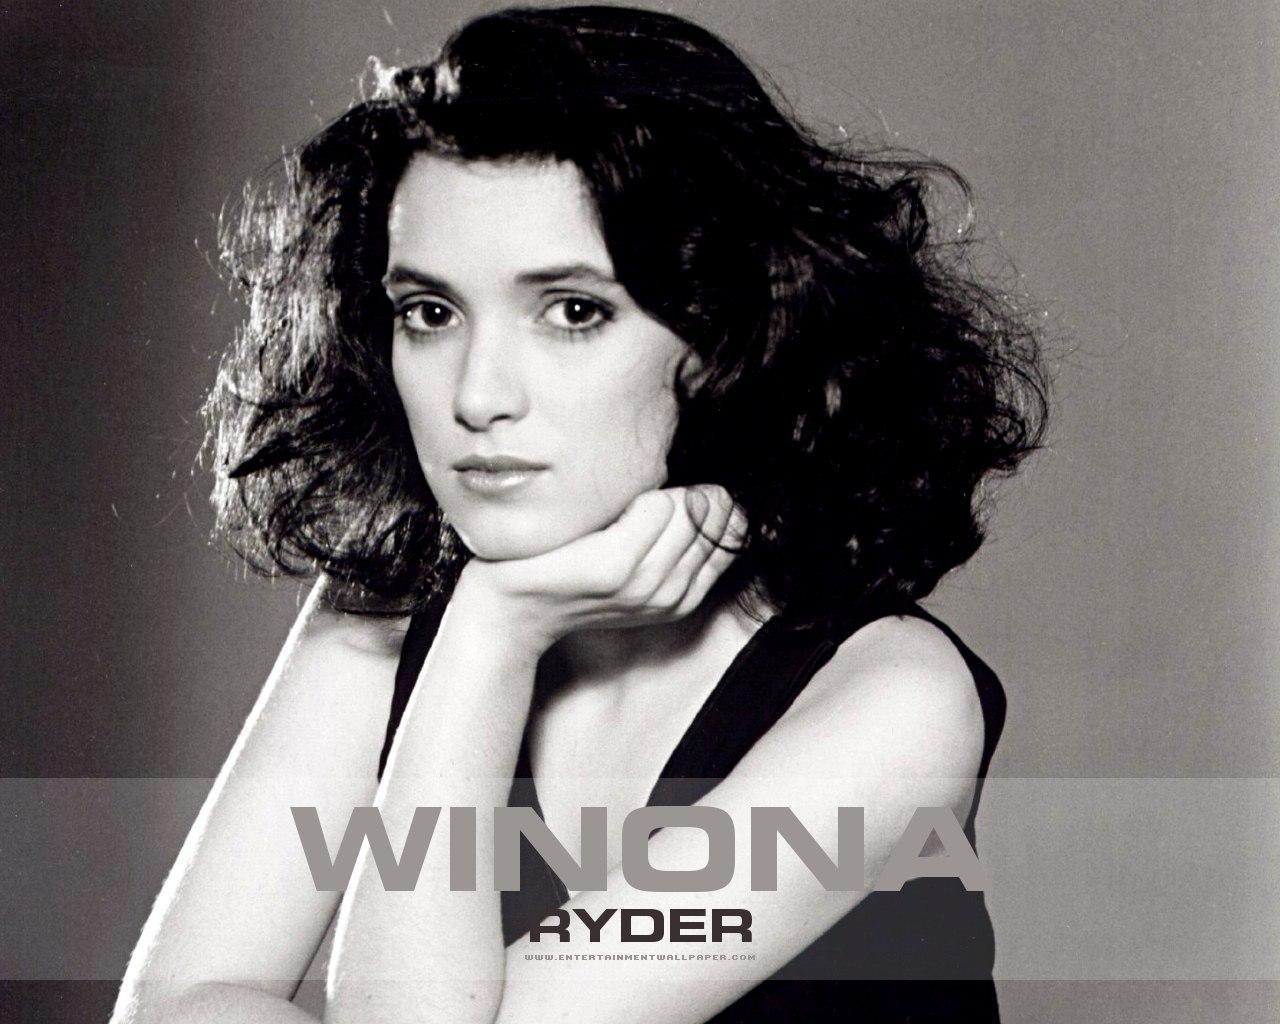 http://4.bp.blogspot.com/-9F02iIJaURA/TnN0BiBLYEI/AAAAAAAABCs/Eaq8W5AryuI/s1600/Winona-Ryder-winona-ryder-15505107-1280-1024.jpg